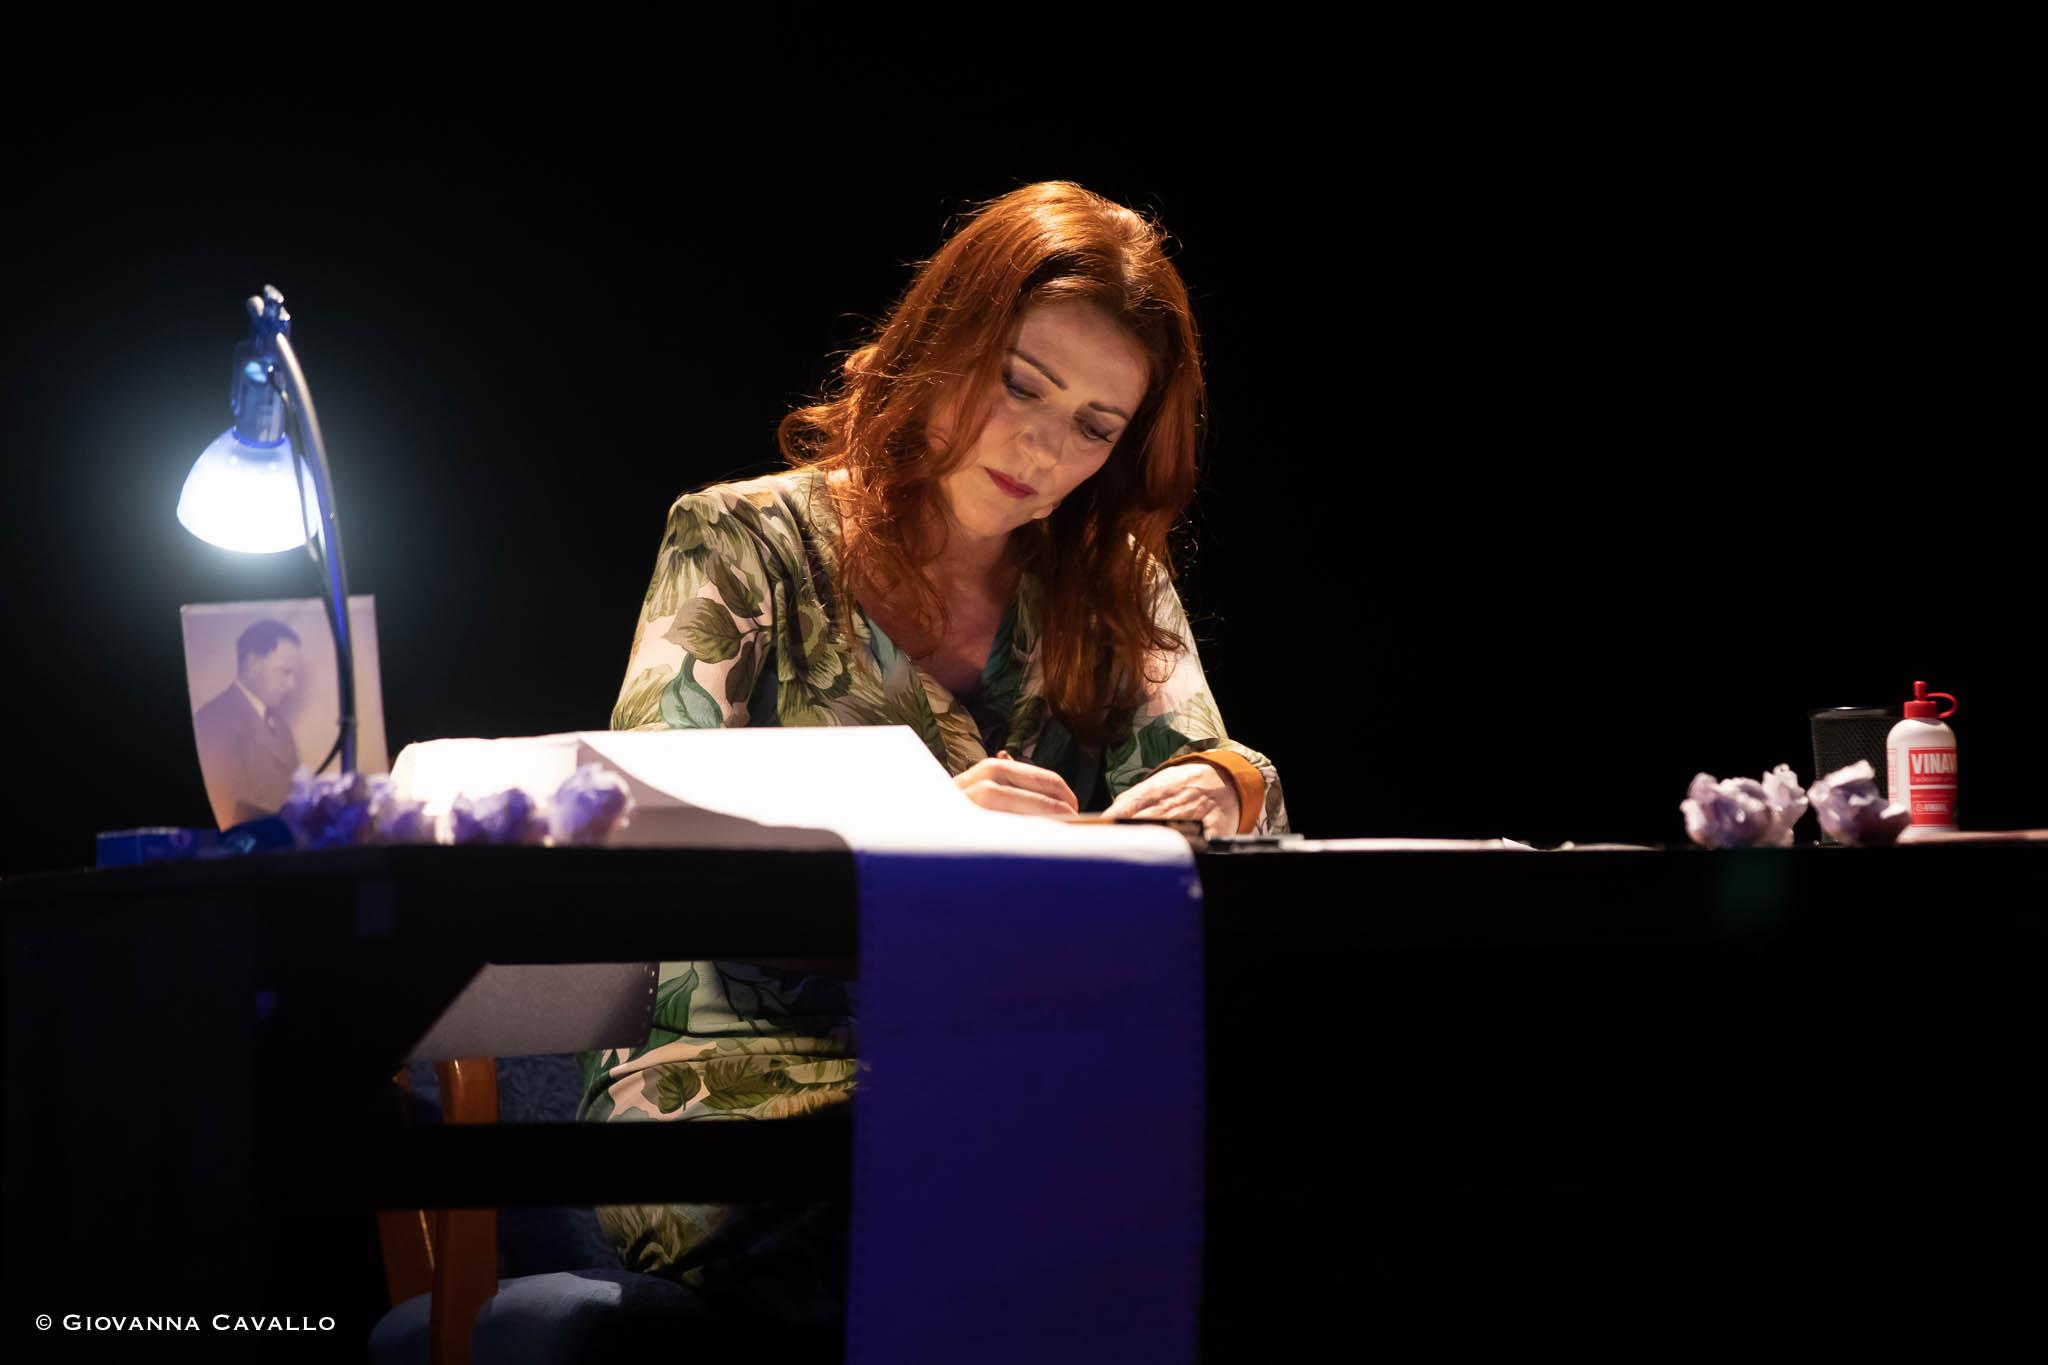 Tante date nei teatri con il mio ultimo romanzo pubblicato LA LEGGENDARIA STORIA DI HEISENBERG E DEI FISICI DI FARM HALL…